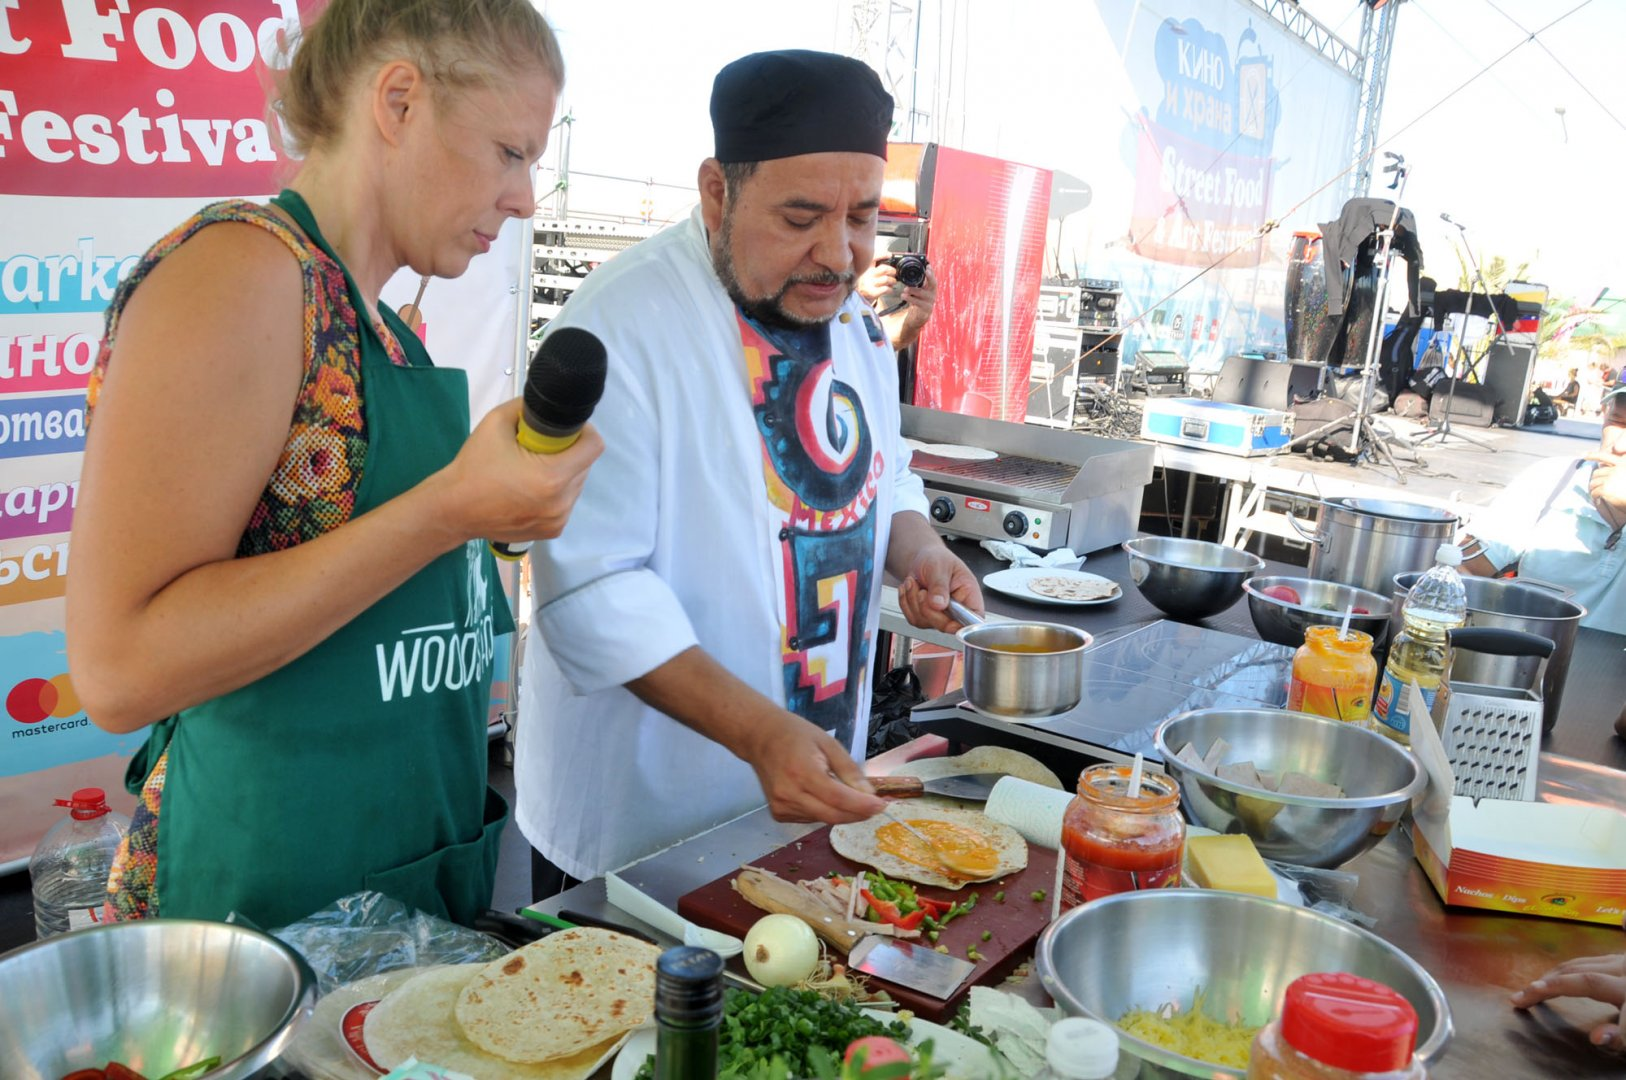 Варненското издание на фестивала е след бургаското, което се проведе преди броени дни. Снимка Лина Главинова